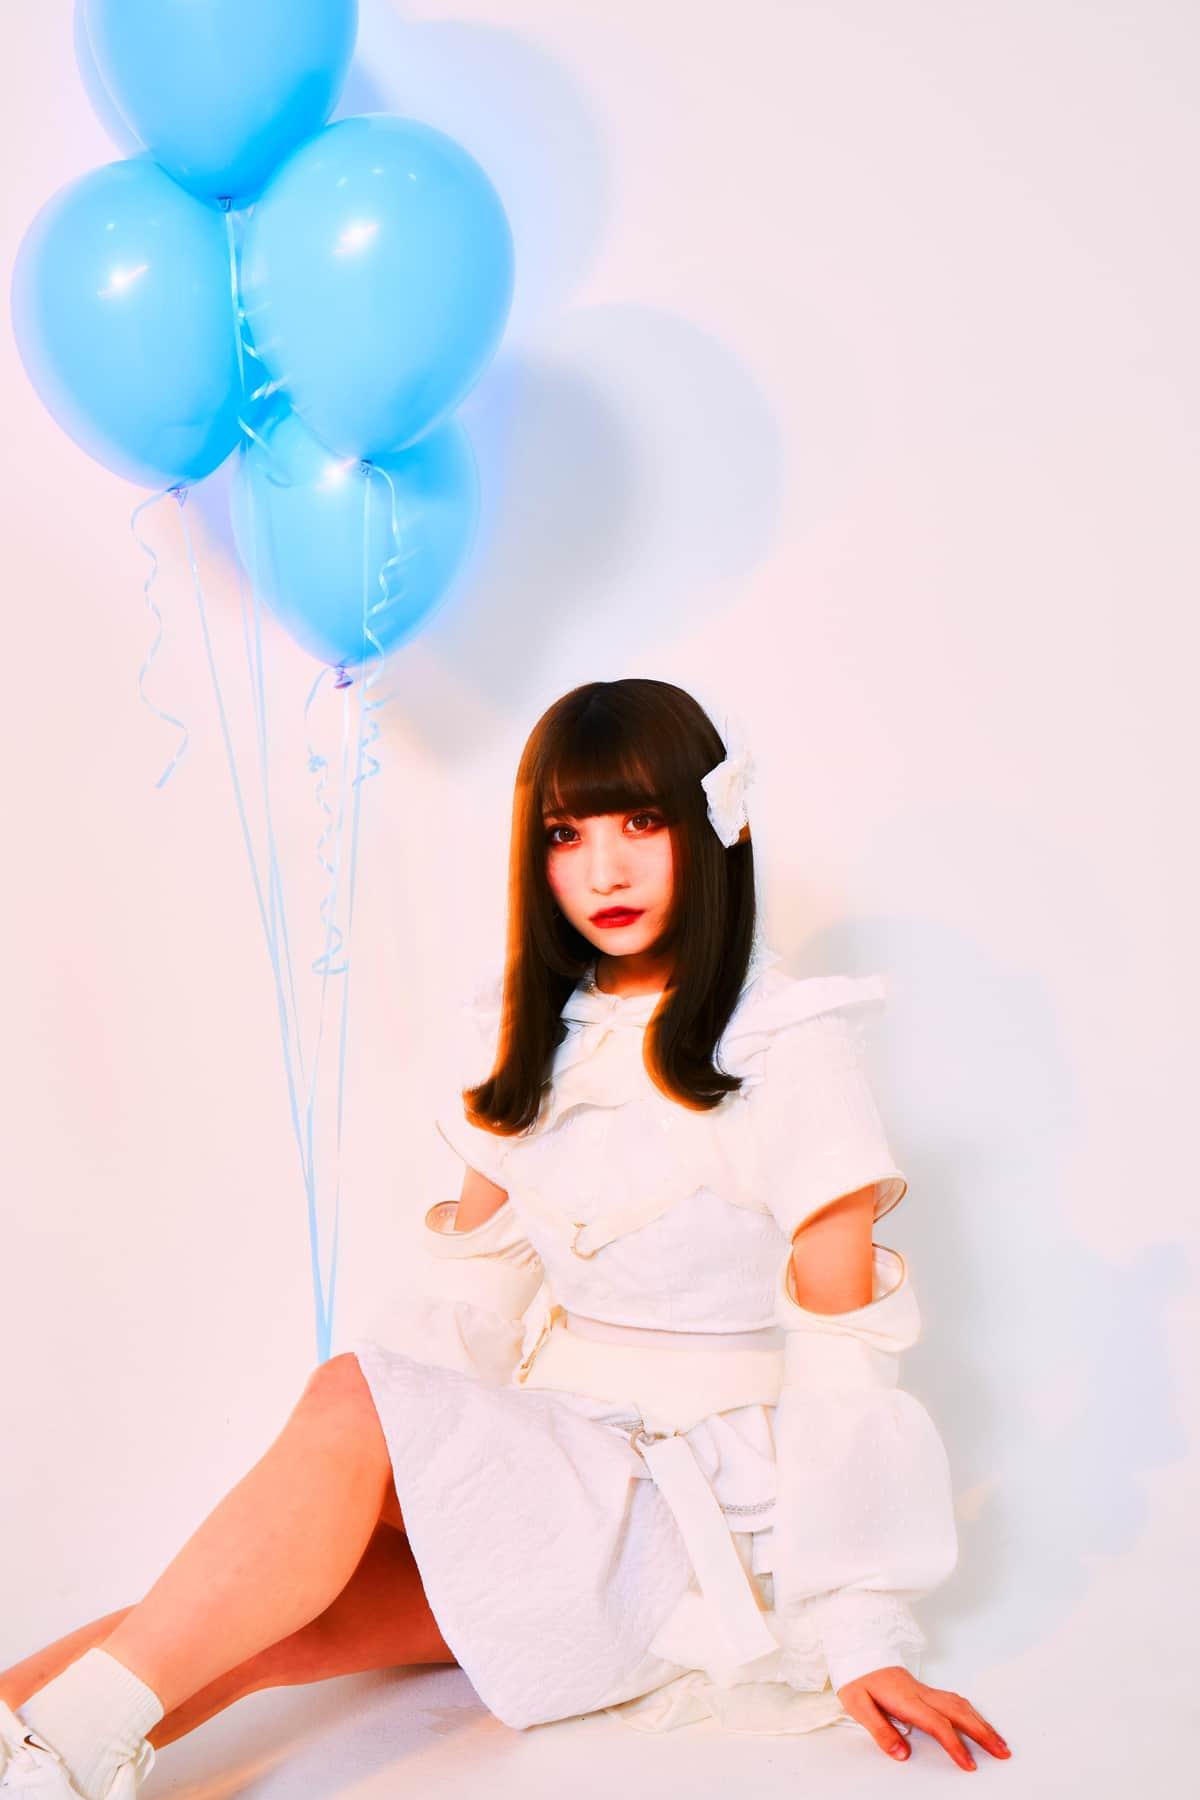 柊木 あいな/Aina Hiiragi